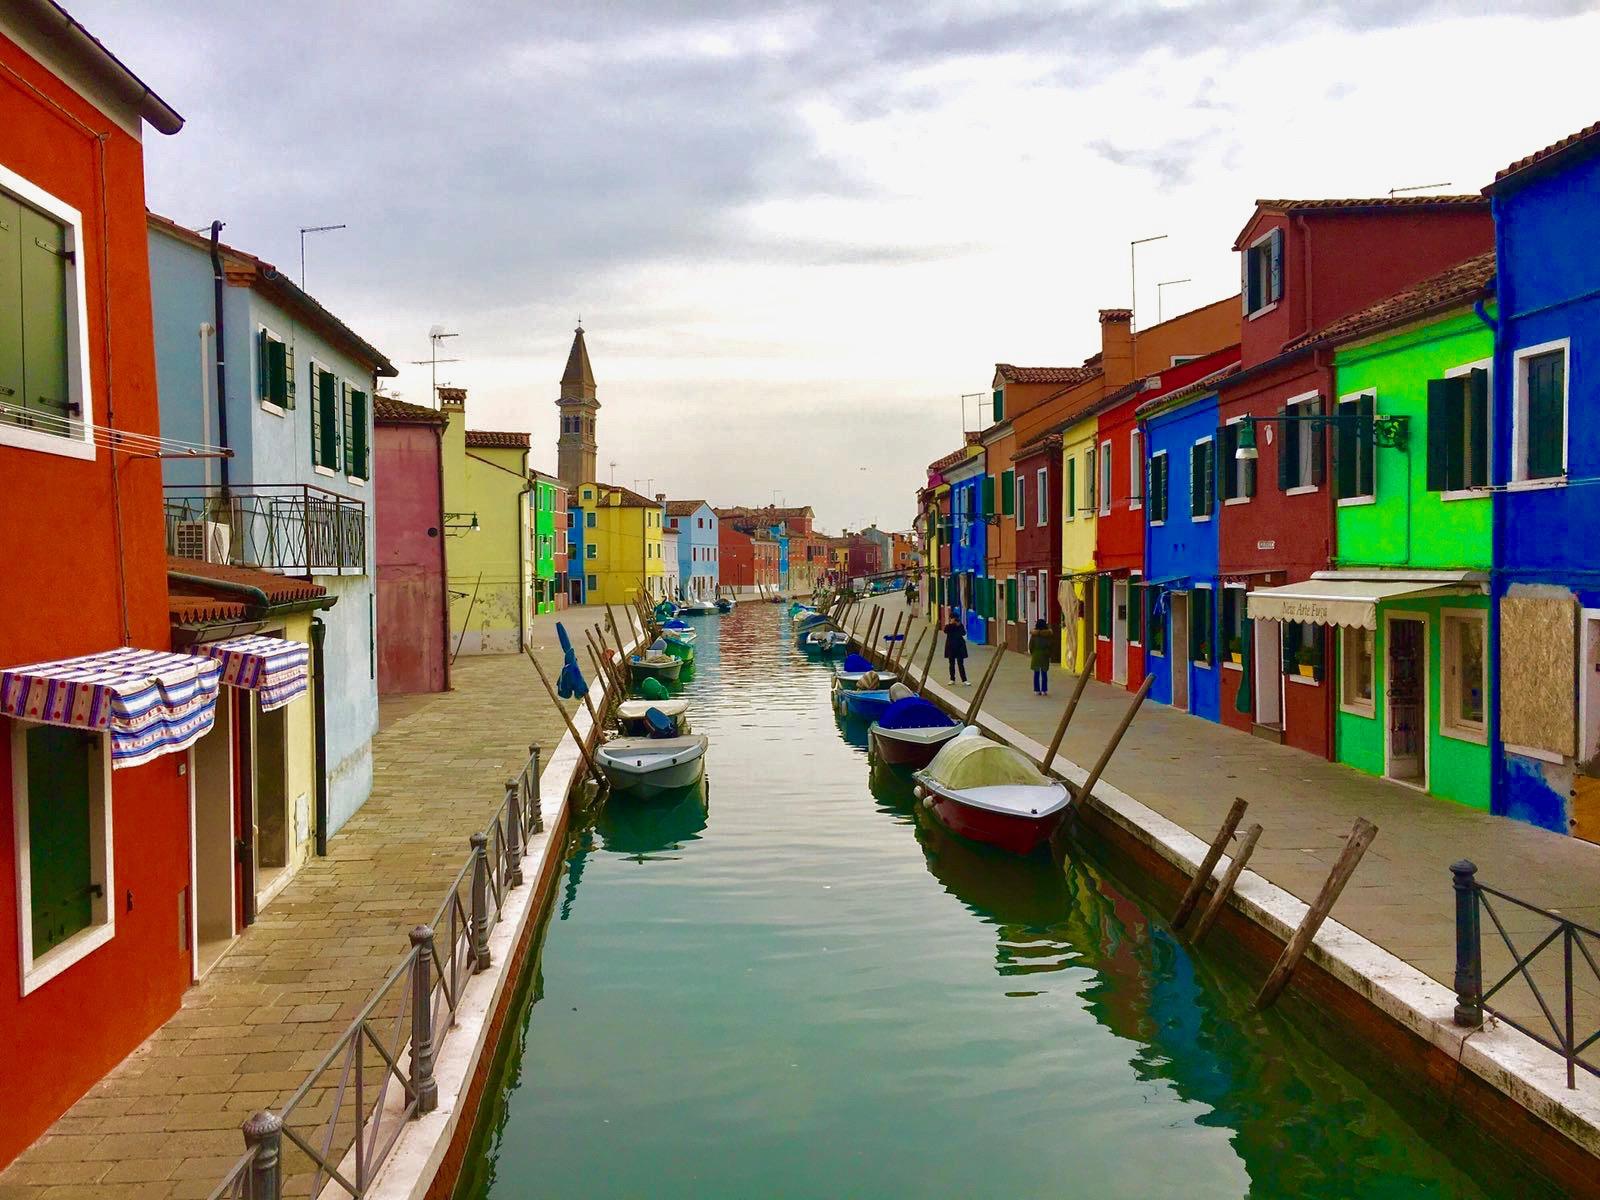 burano_island_canal_lustforthesublime